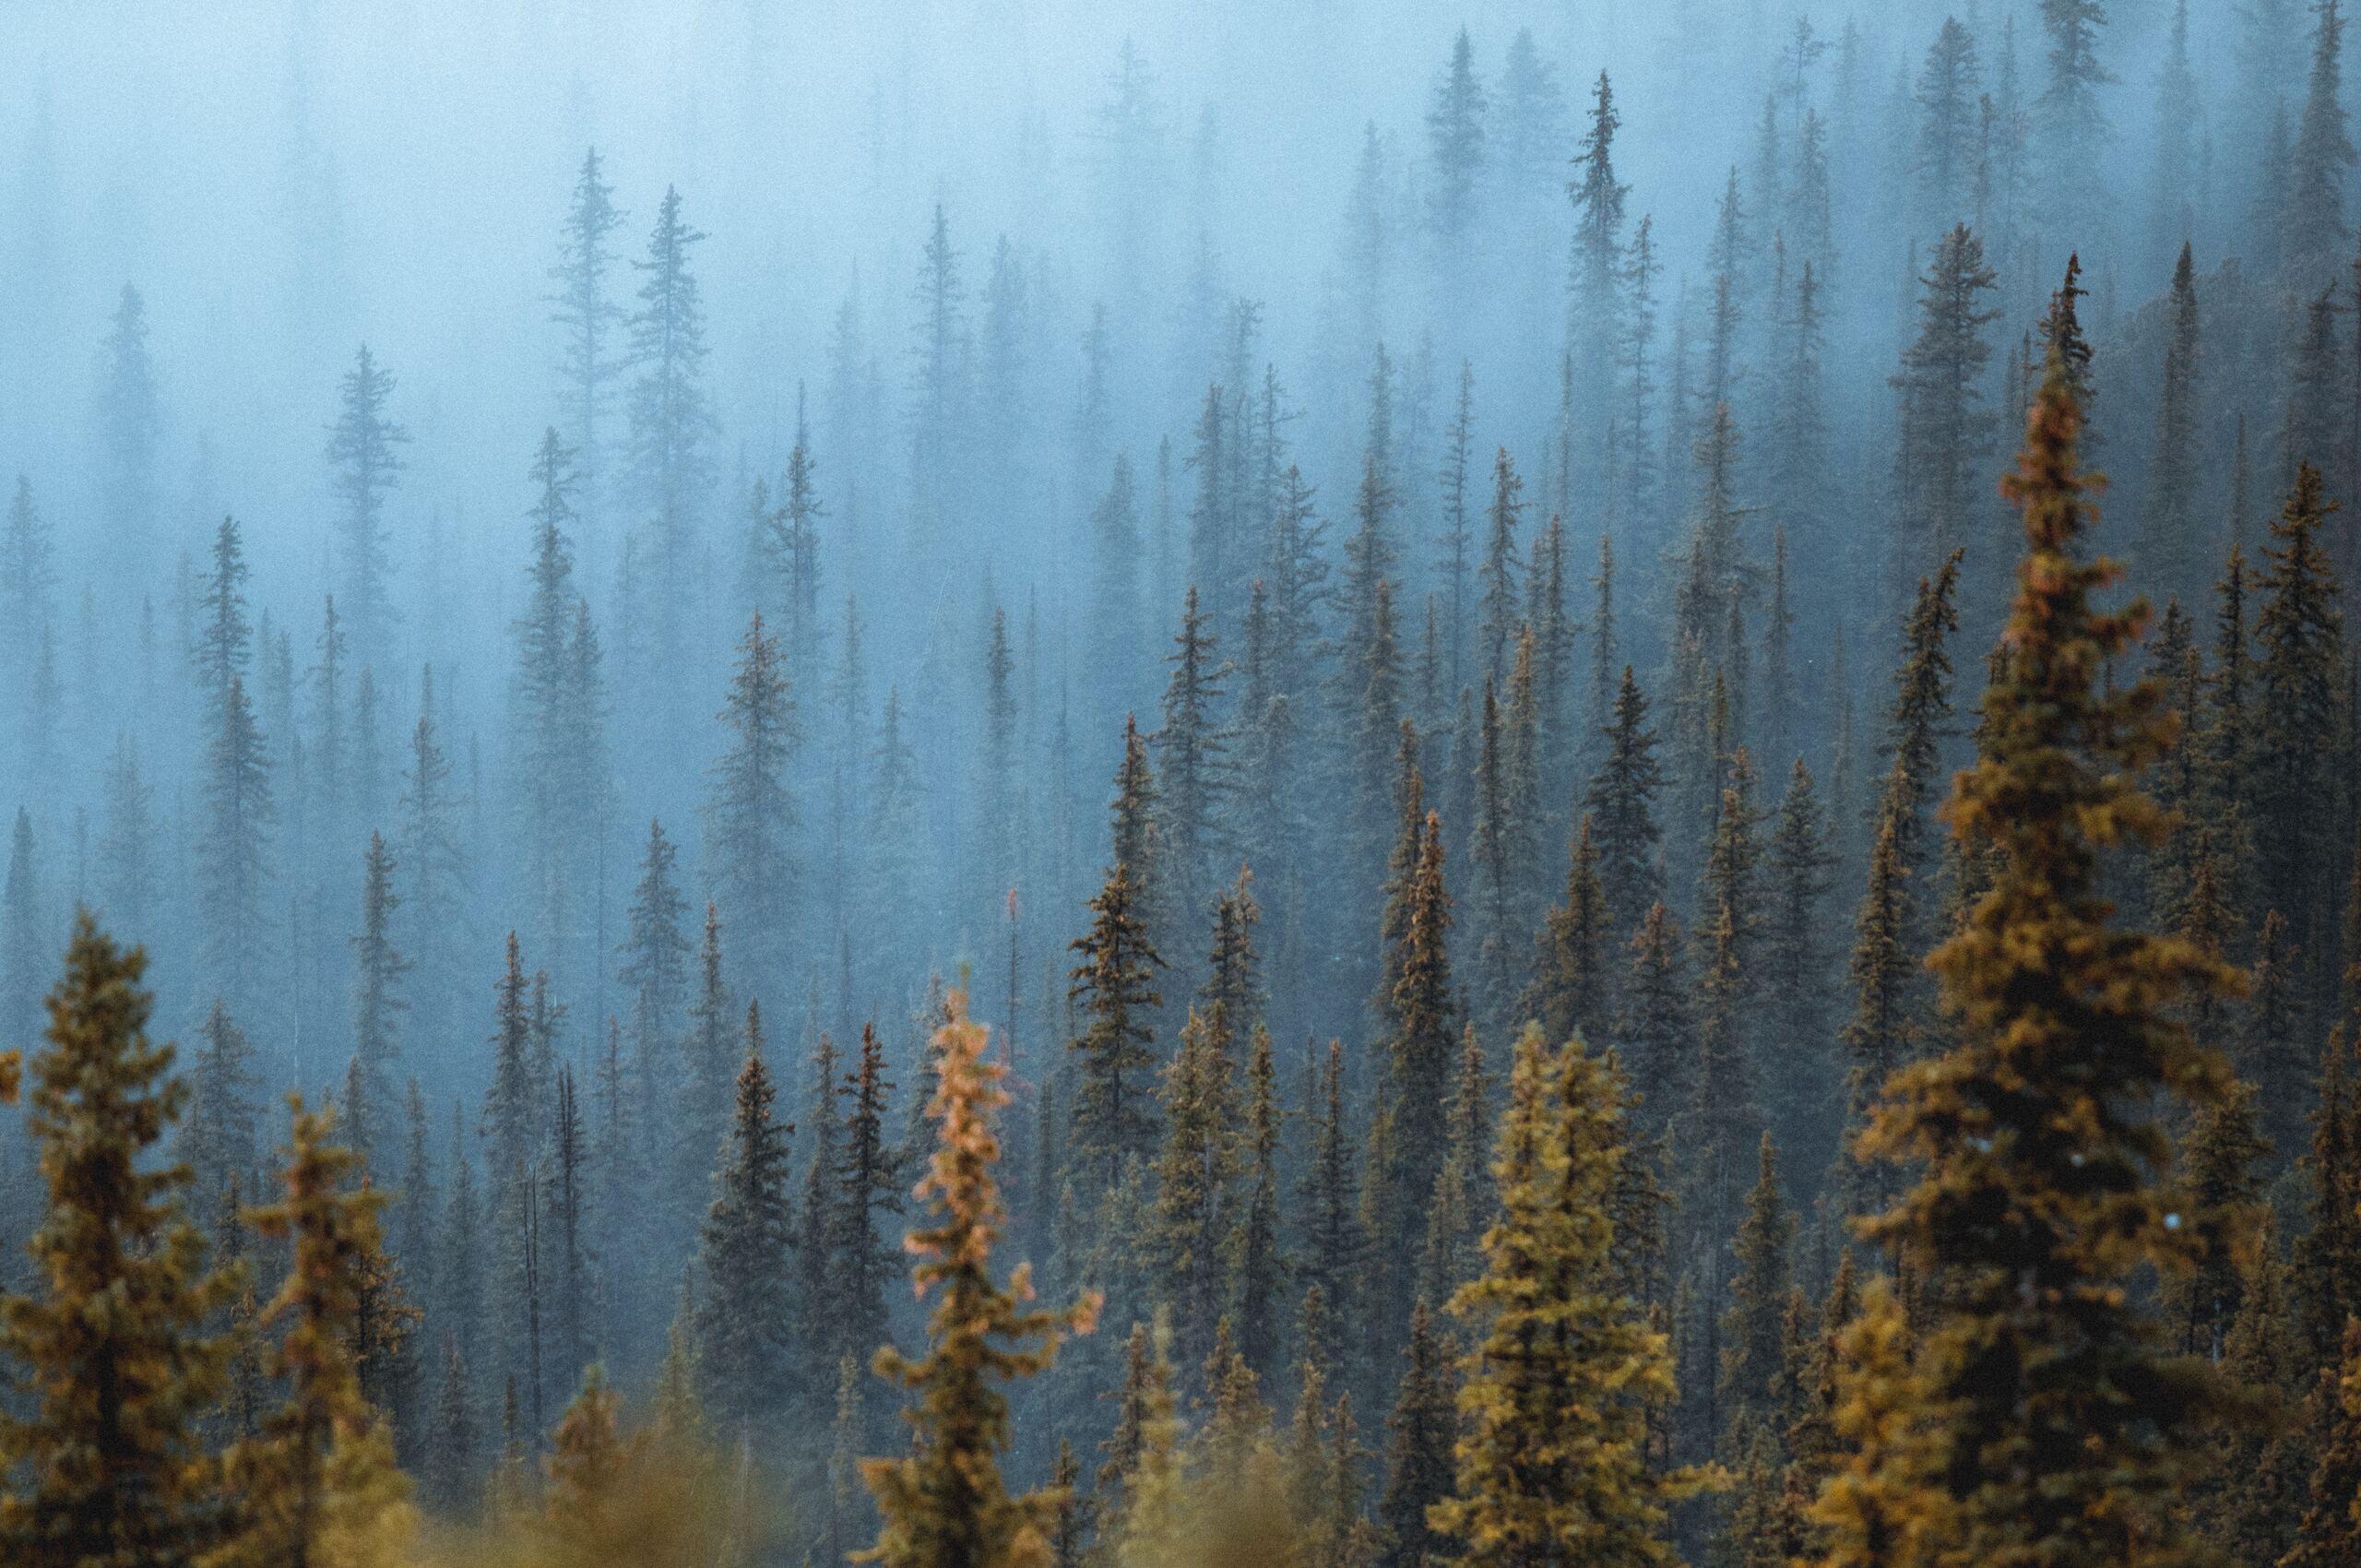 pine-trees-fog-forest-5k-58.jpg